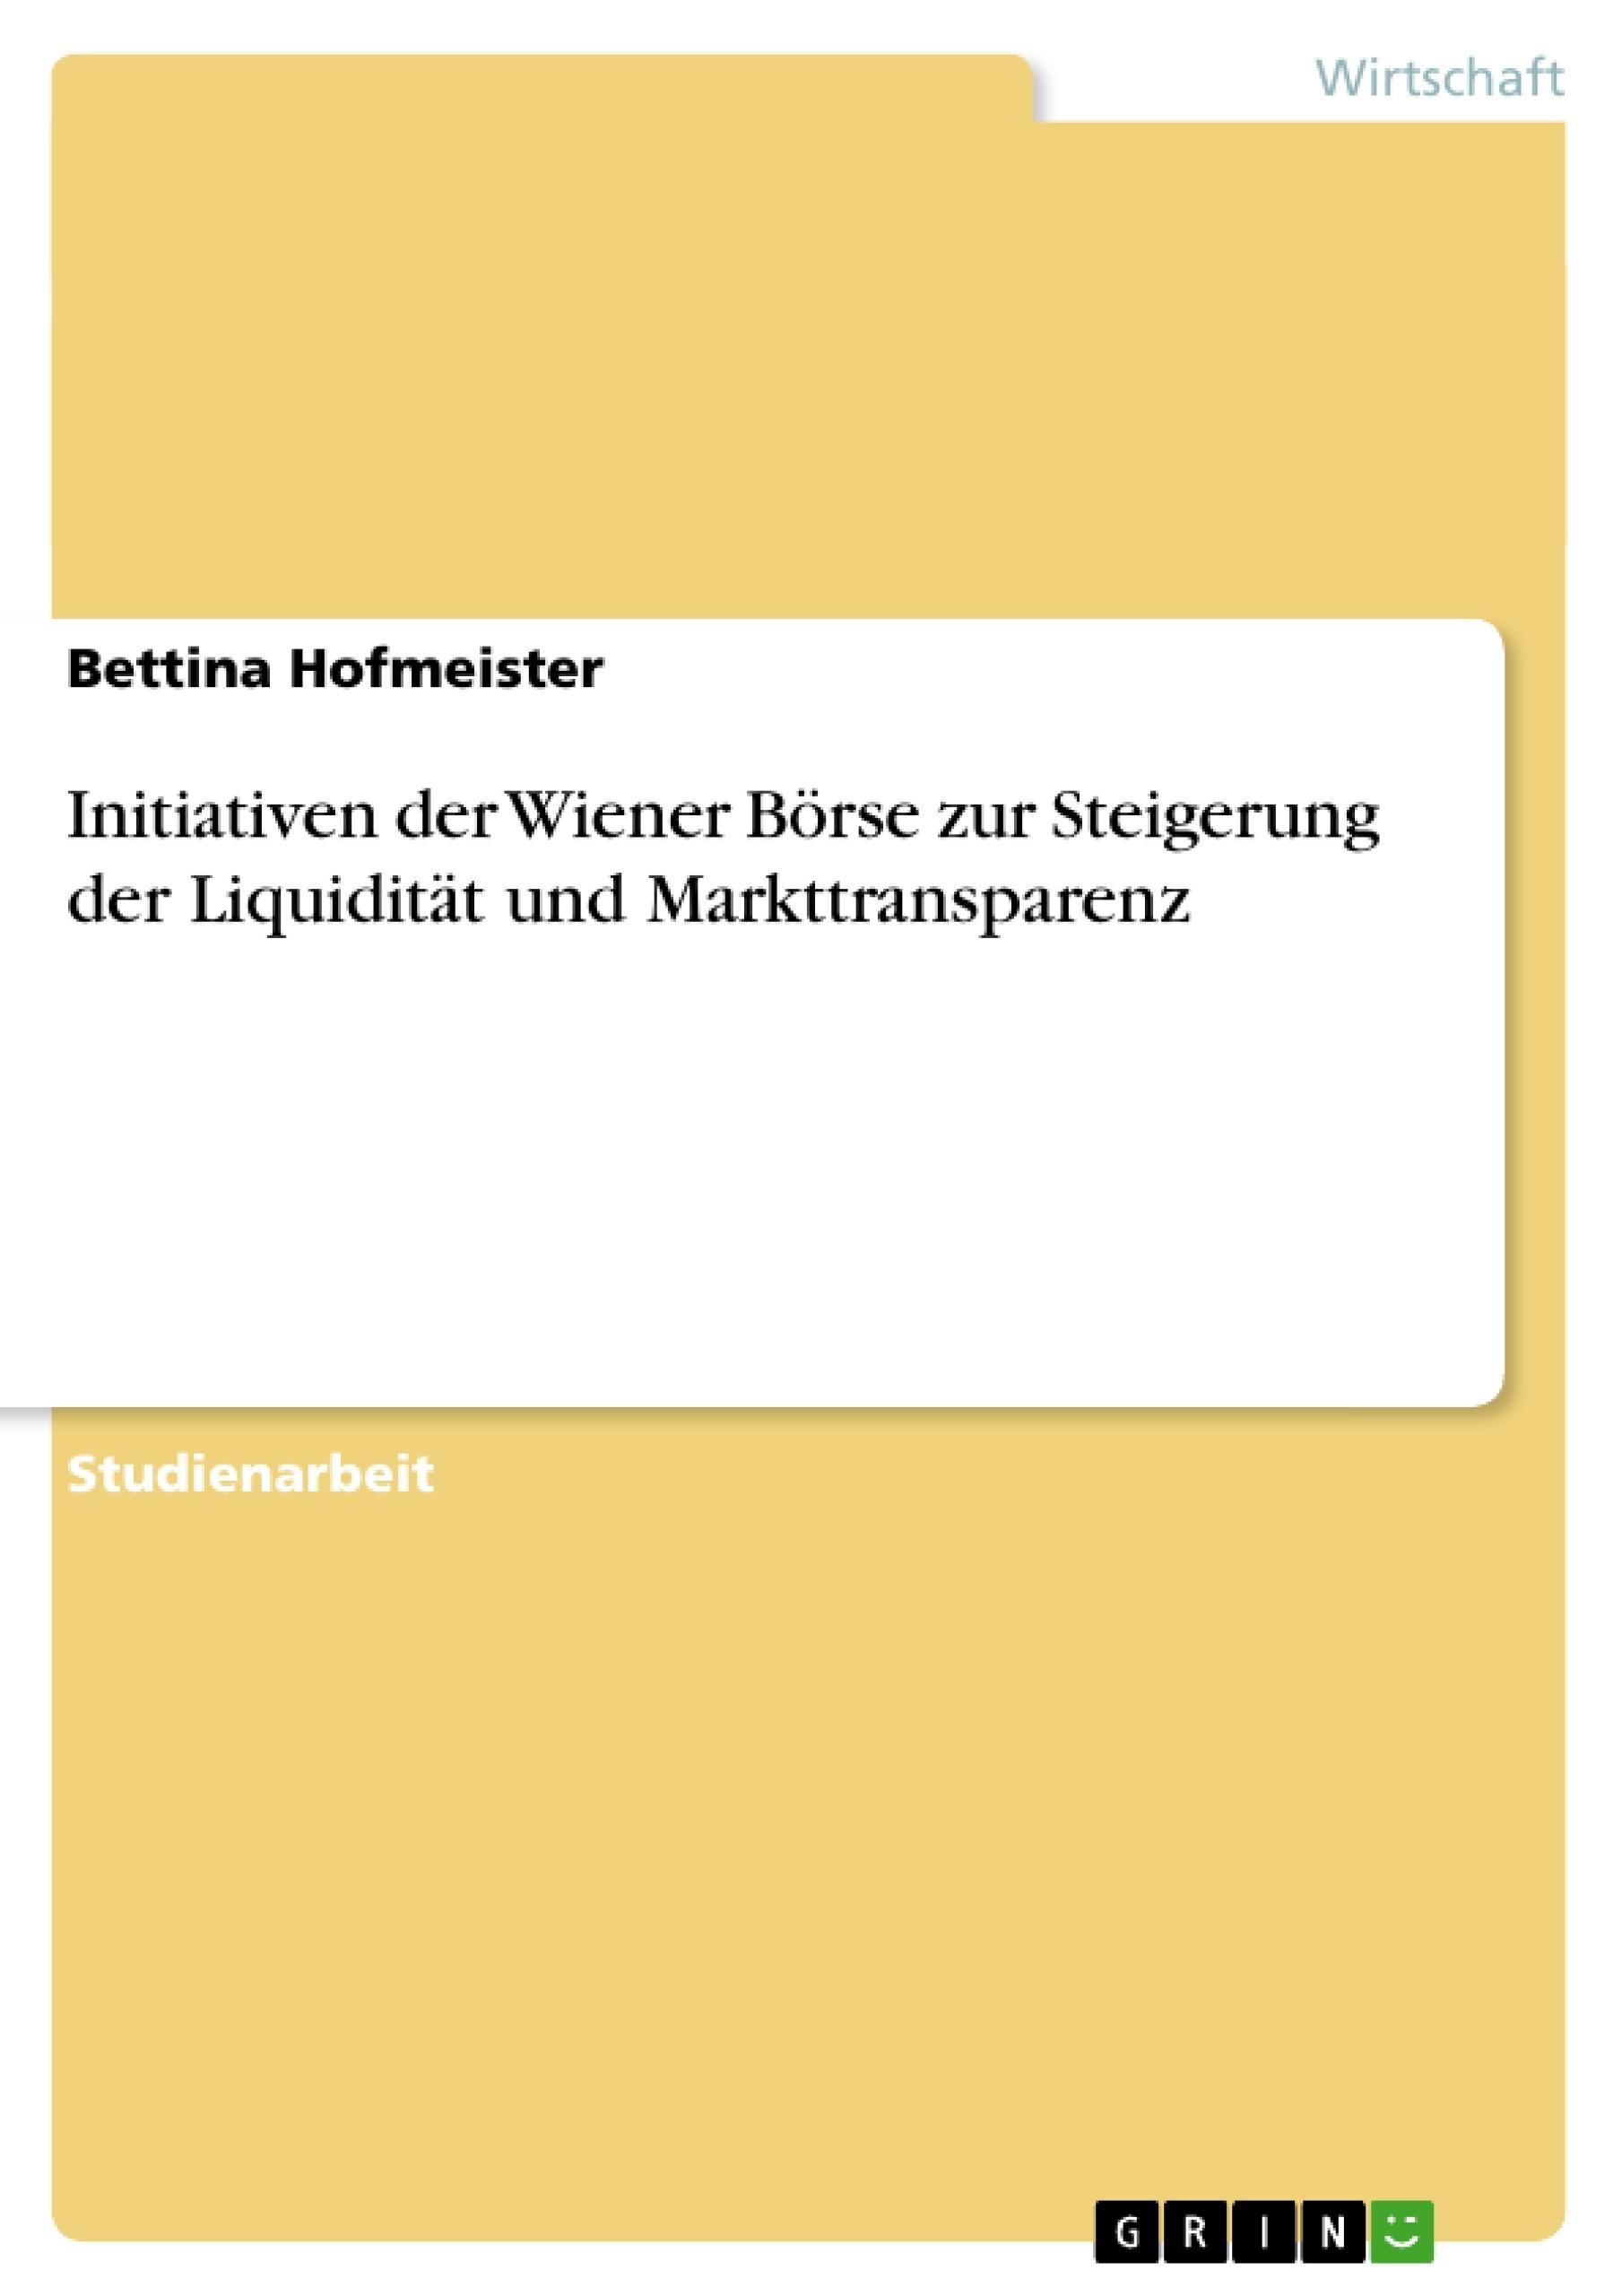 Titel: Initiativen der Wiener Börse zur Steigerung der Liquidität und Markttransparenz